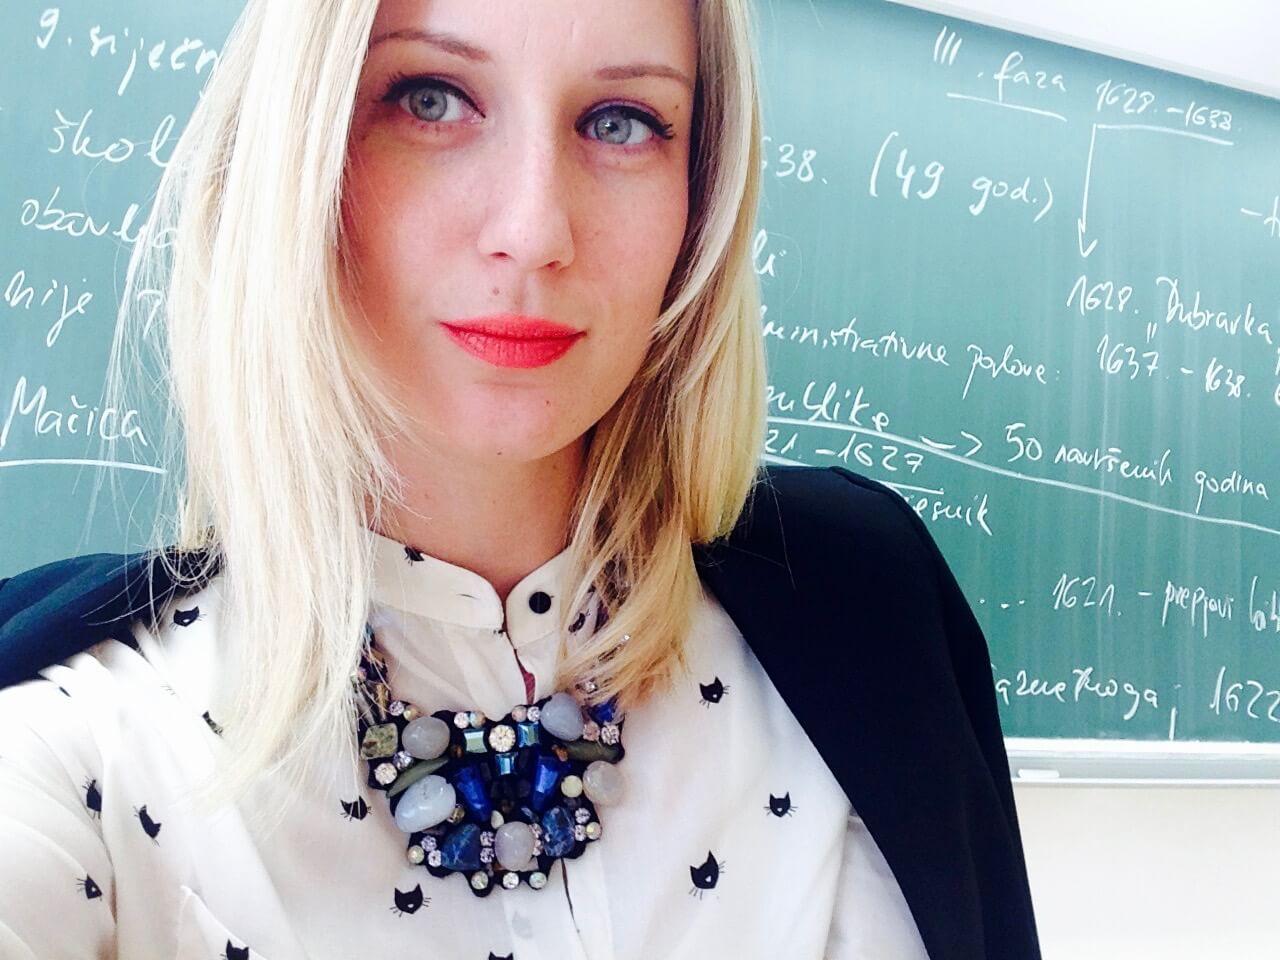 Profa iz Zagreba na Instagramu pokrenula genijalnu kampanju za sve koji sudjeluju u online nastavi